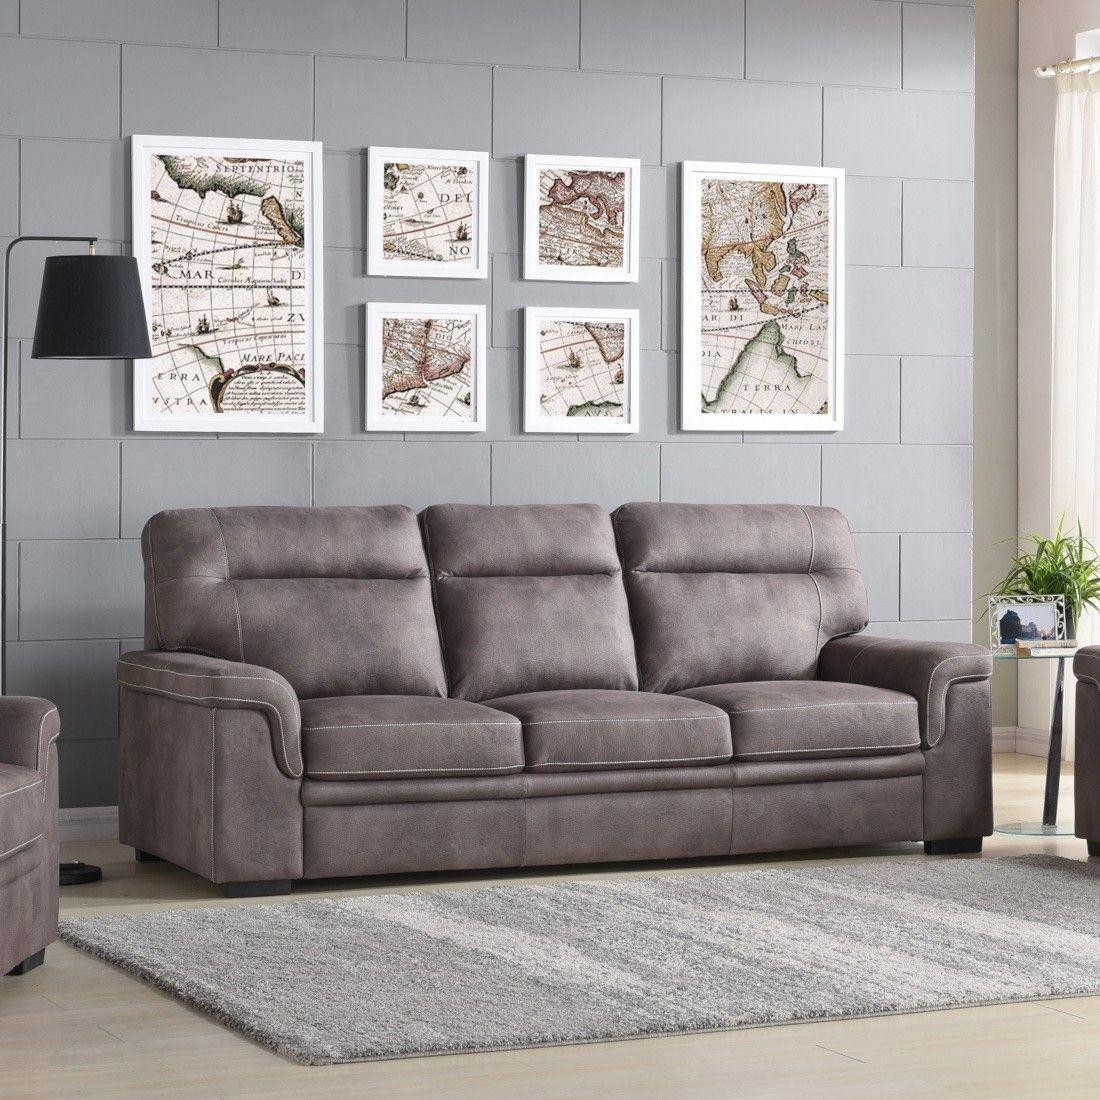 Titanic Furniture U158 Sofa In Gray Titanic Furniture Furniture